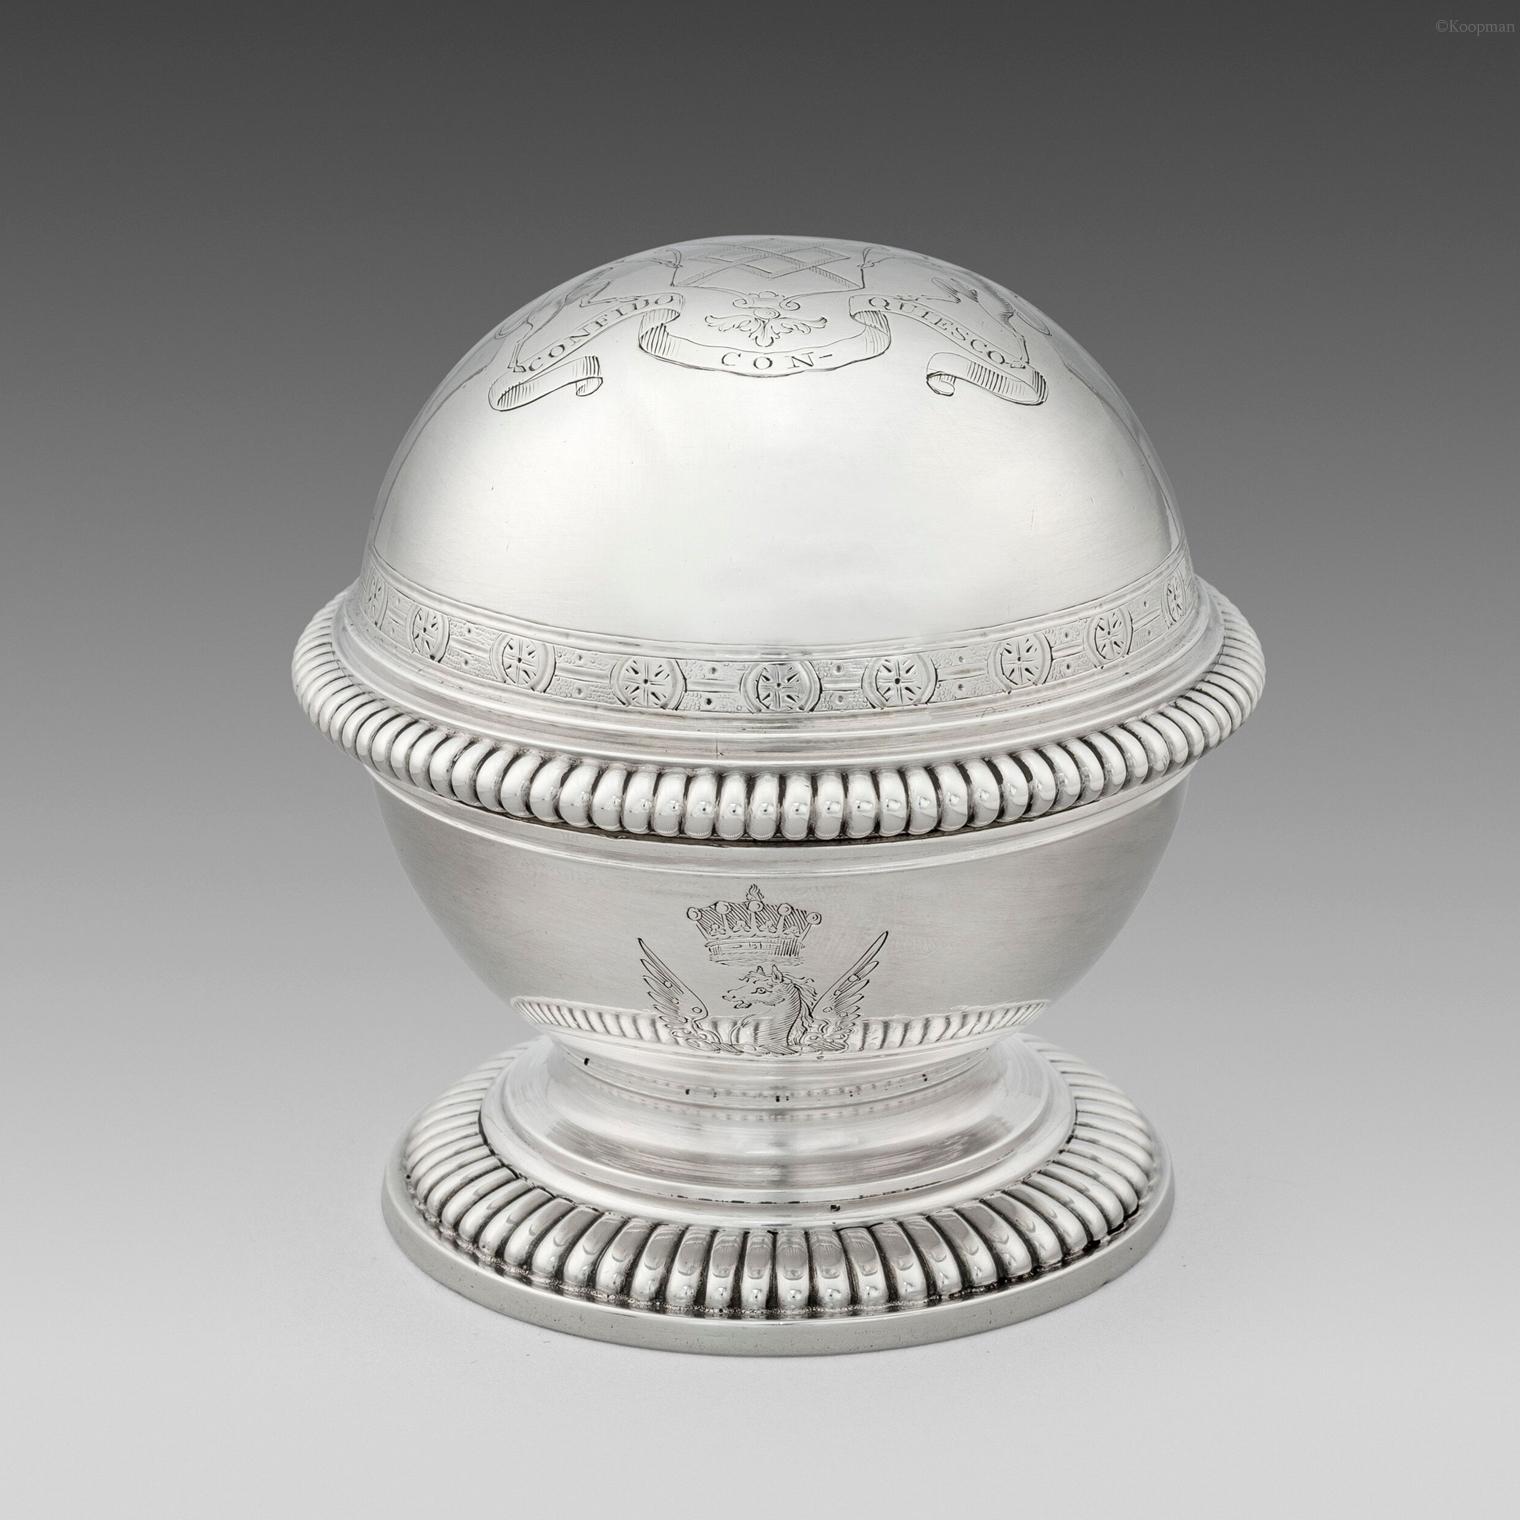 A George II Soap Box